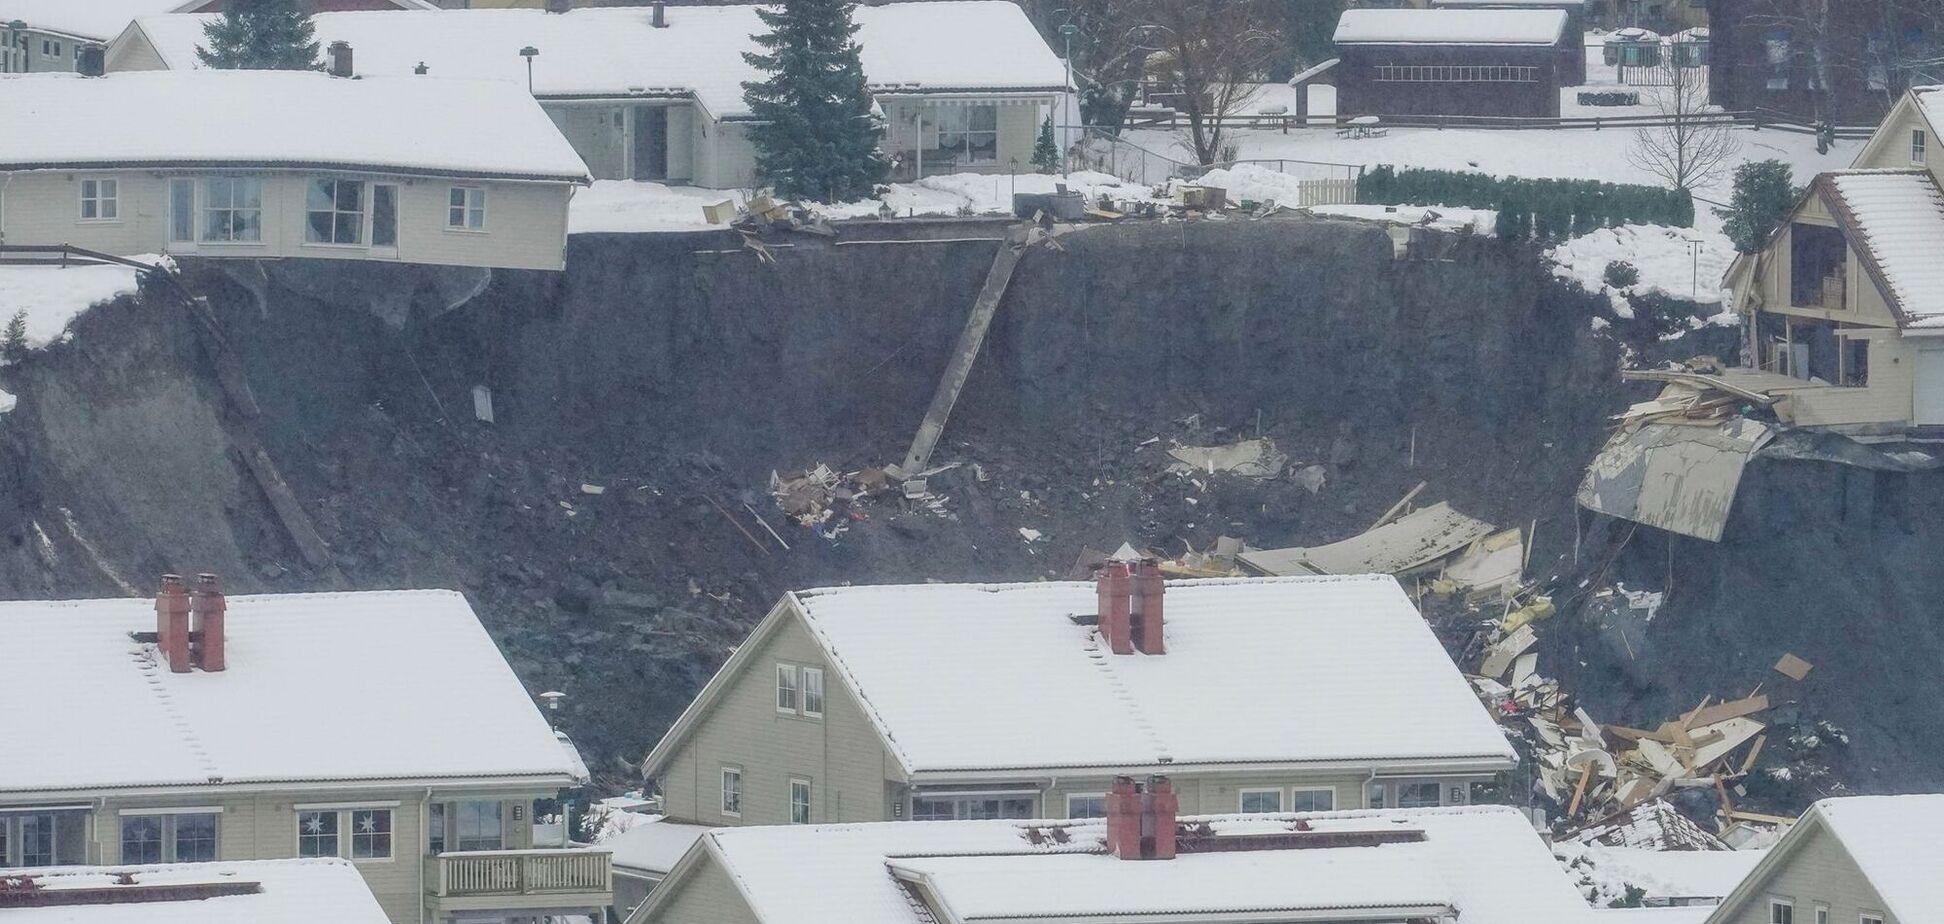 В Норвегии оползень разрушил дома